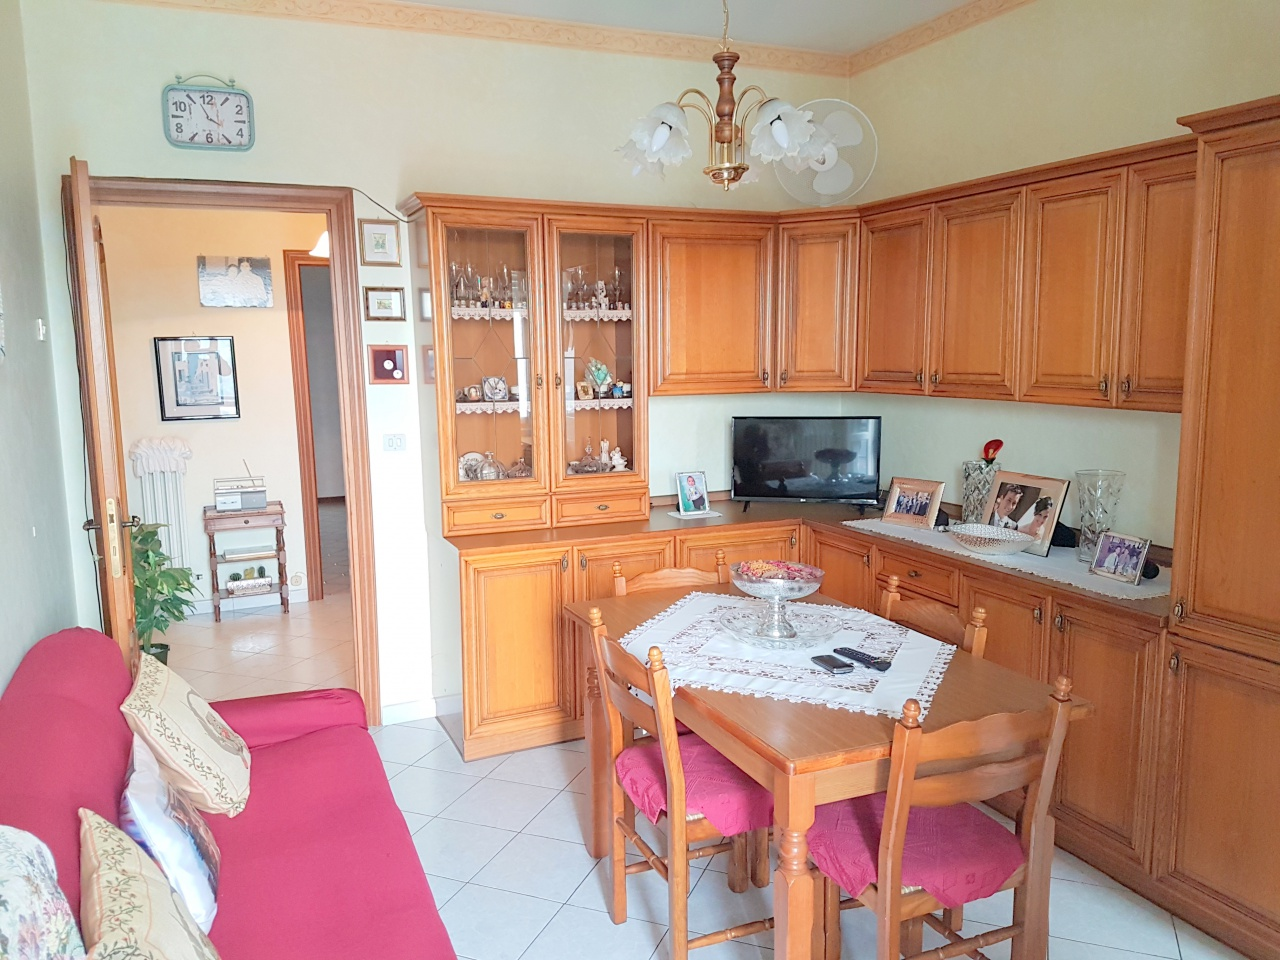 Appartamento in vendita a Brandizzo, 2 locali, prezzo € 60.000 | CambioCasa.it